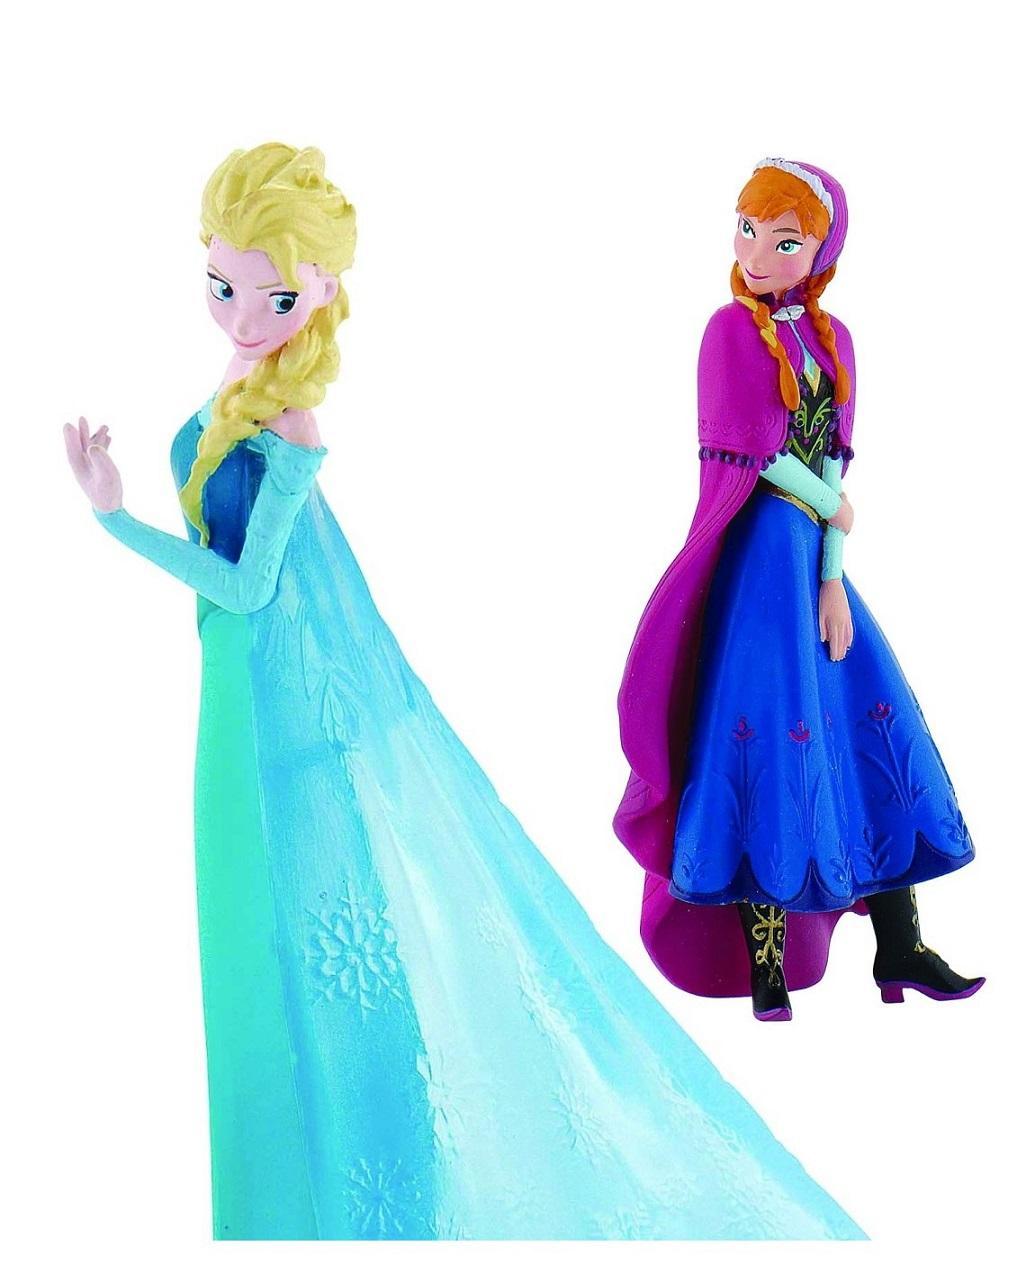 Набор фигурок из серии Холодное сердце - Эльза и АннаКуклы холодное сердце<br>Набор фигурок из серии Холодное сердце - Эльза и Анна<br>